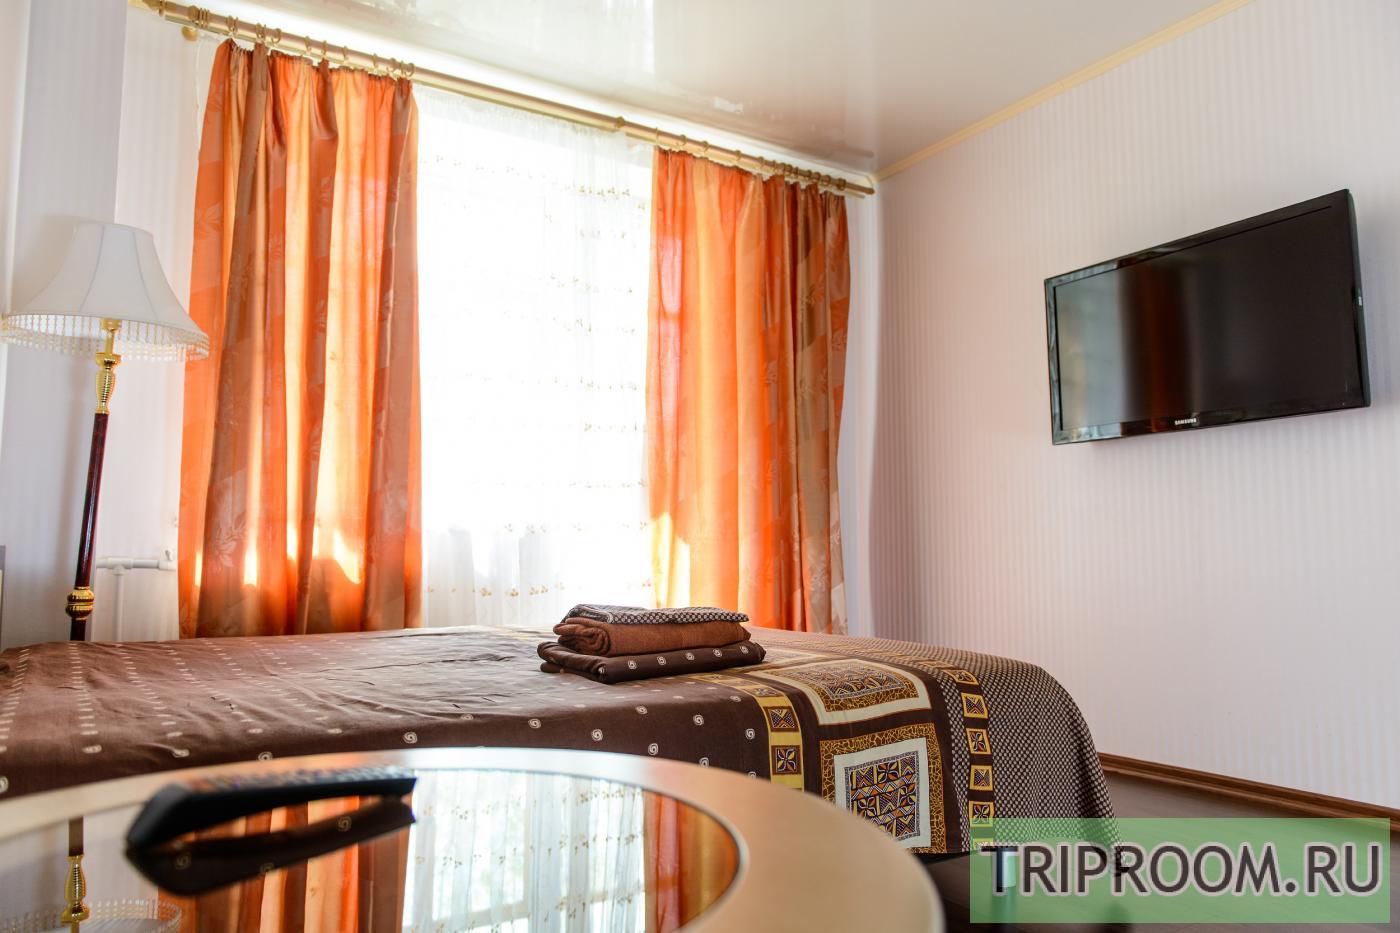 1-комнатная квартира посуточно (вариант № 15726), ул. Свободы улица, фото № 3